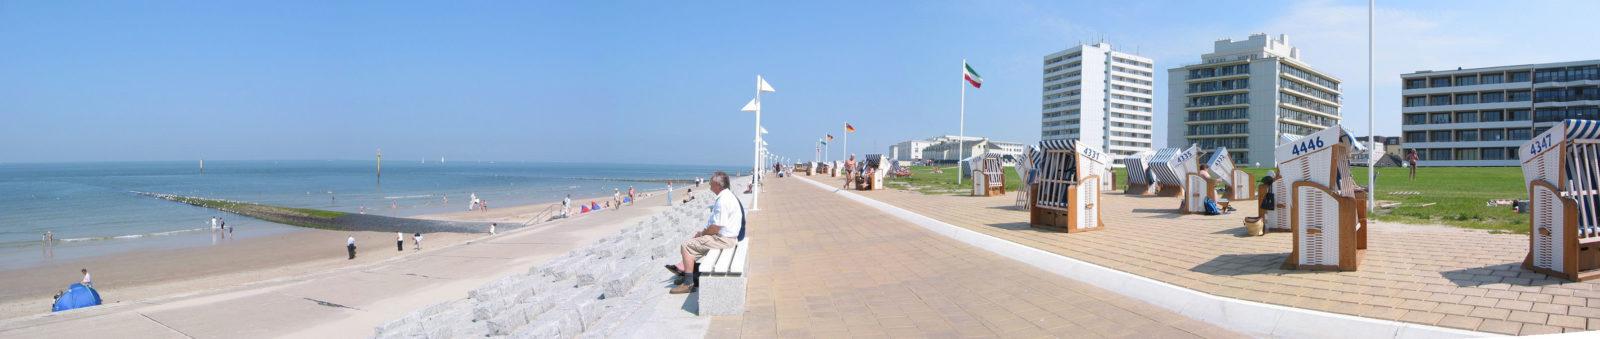 Promenade und Weststrand auf Norderney